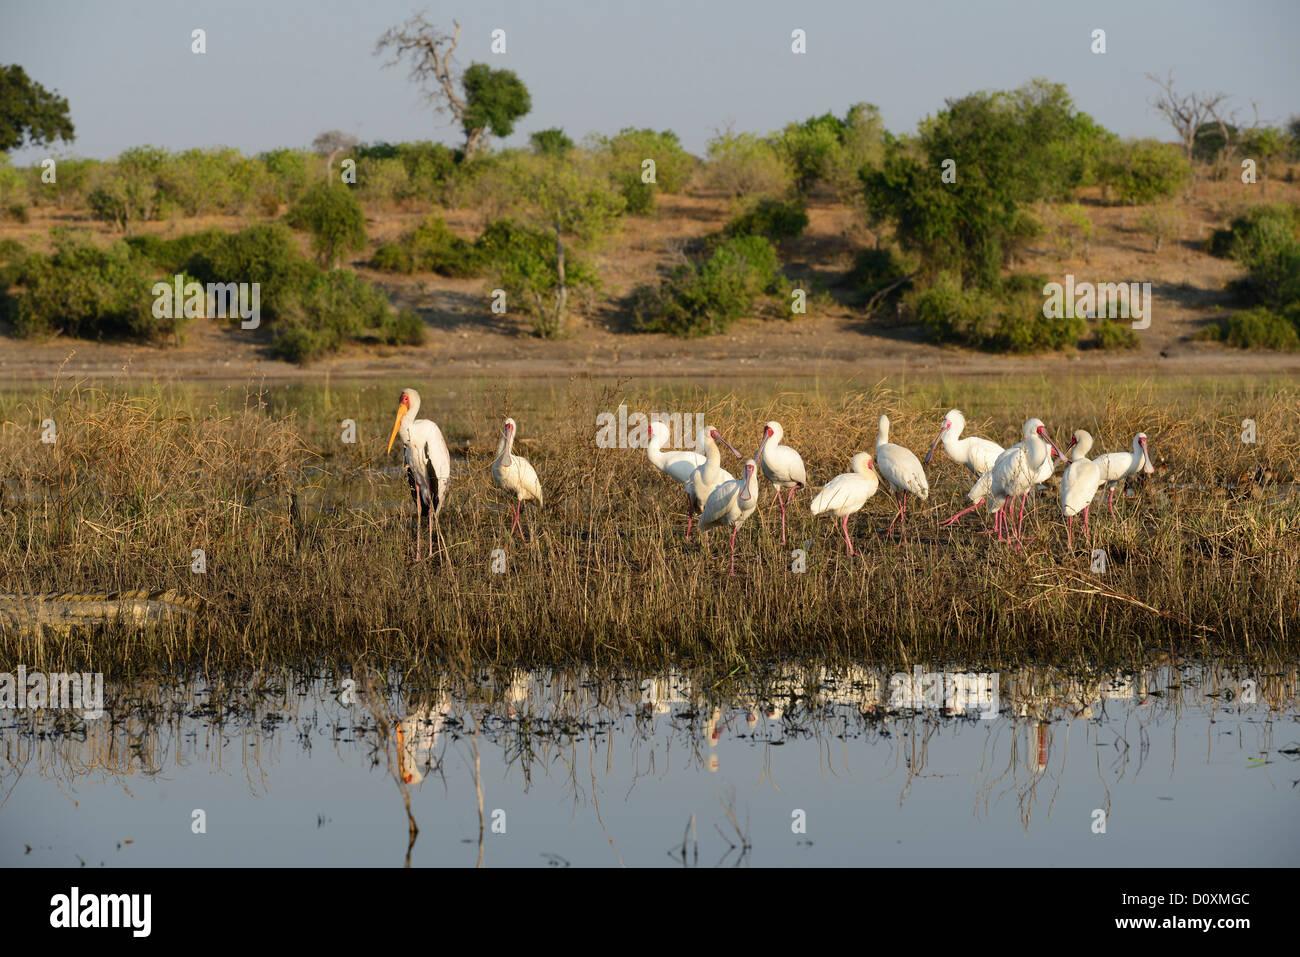 Africa, Botswana, Chobe, National Park, Yellow-billed Stork, wildlife, bird, Mycteria ibis, stork, - Stock Image